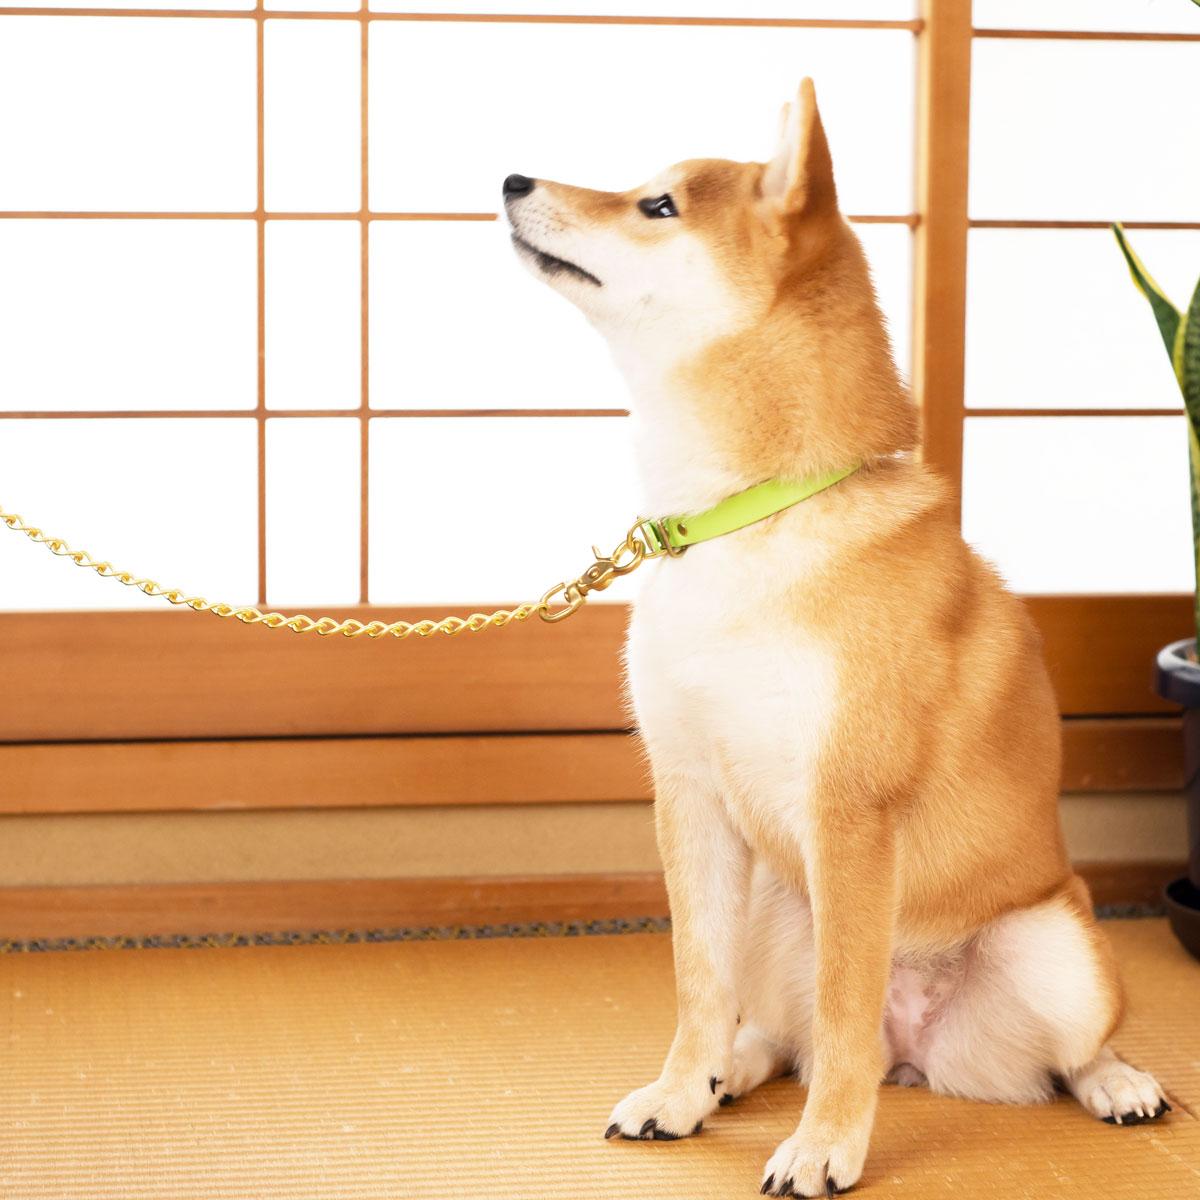 [#KARAKUSA]サクラ犬具製作所 本革 唐草模様首輪 からくさ 日本製